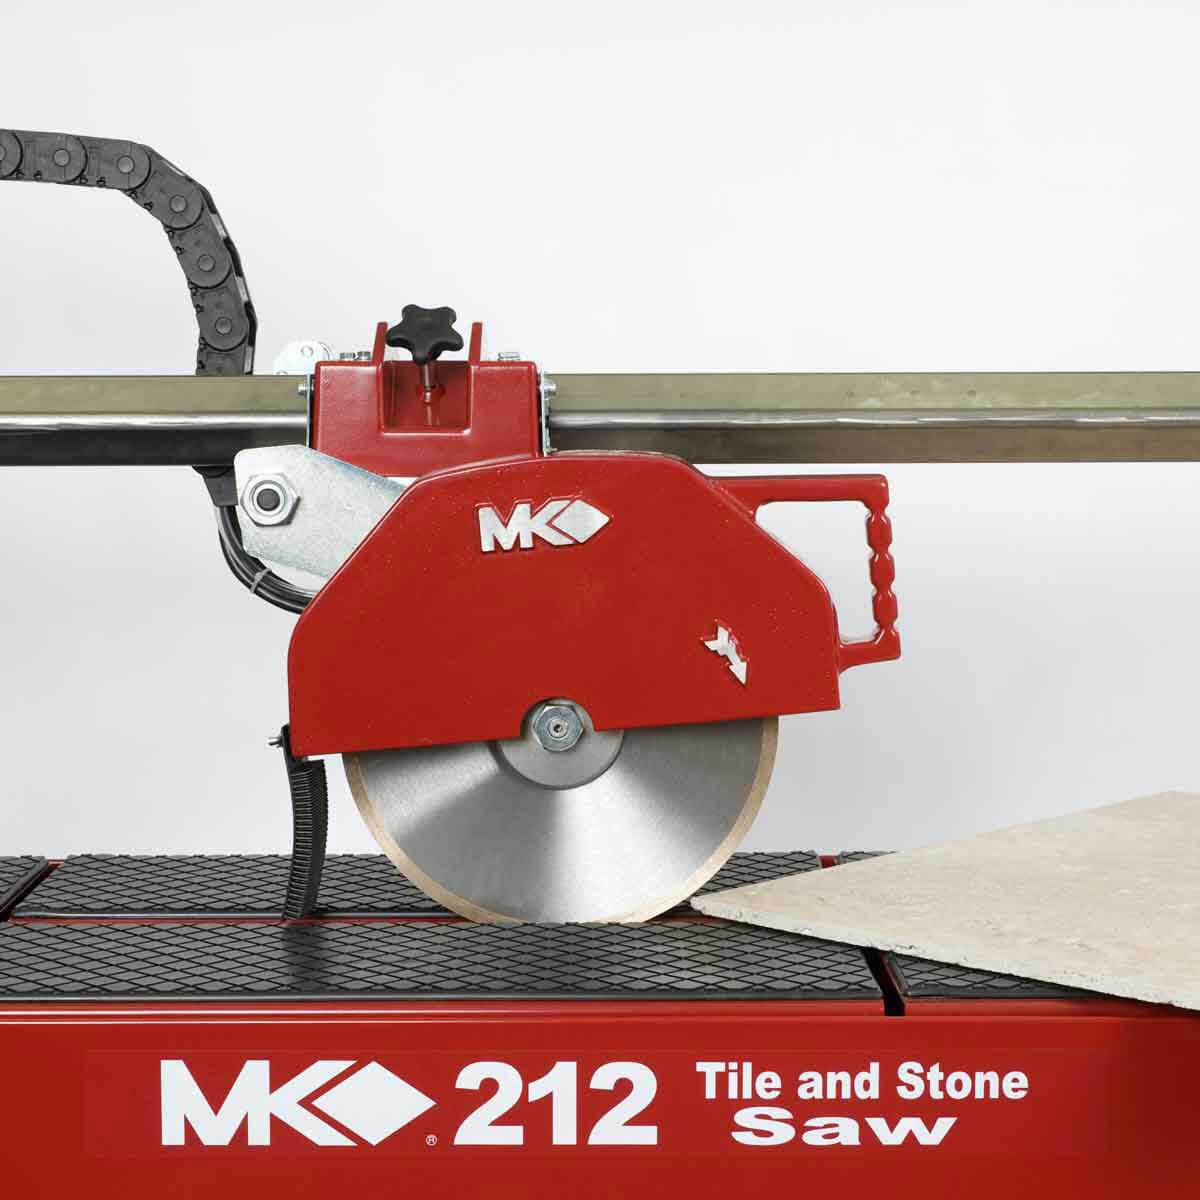 MK 212 Wet Stone Rail Saw Cuts Tile